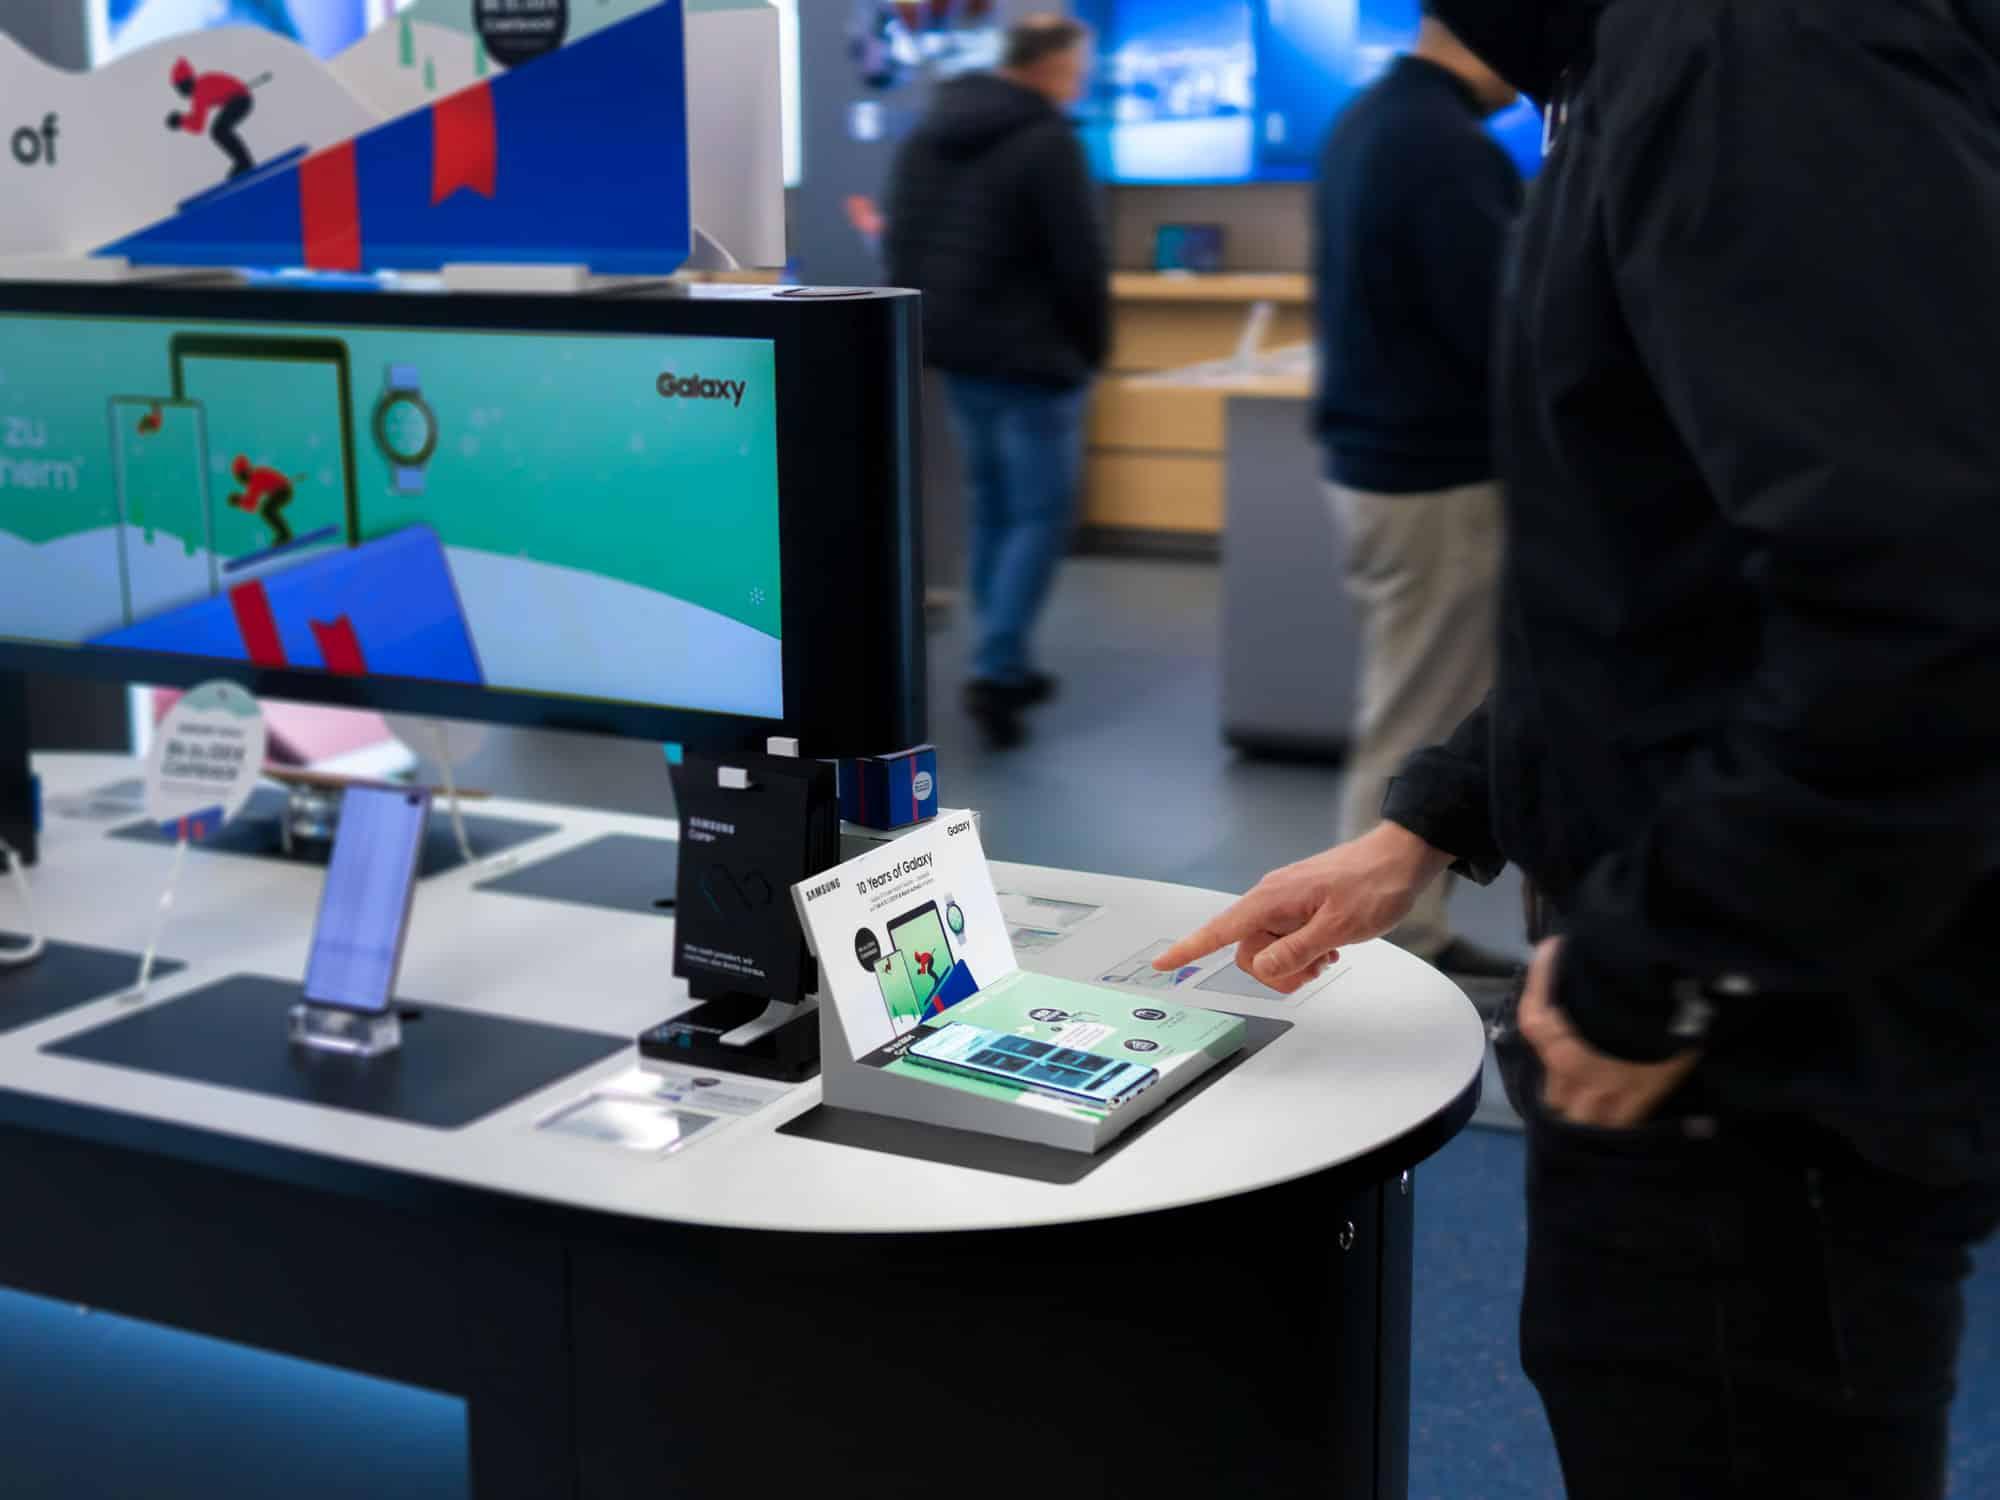 Interaktive Samsung-Werbung mit Interactive Paper